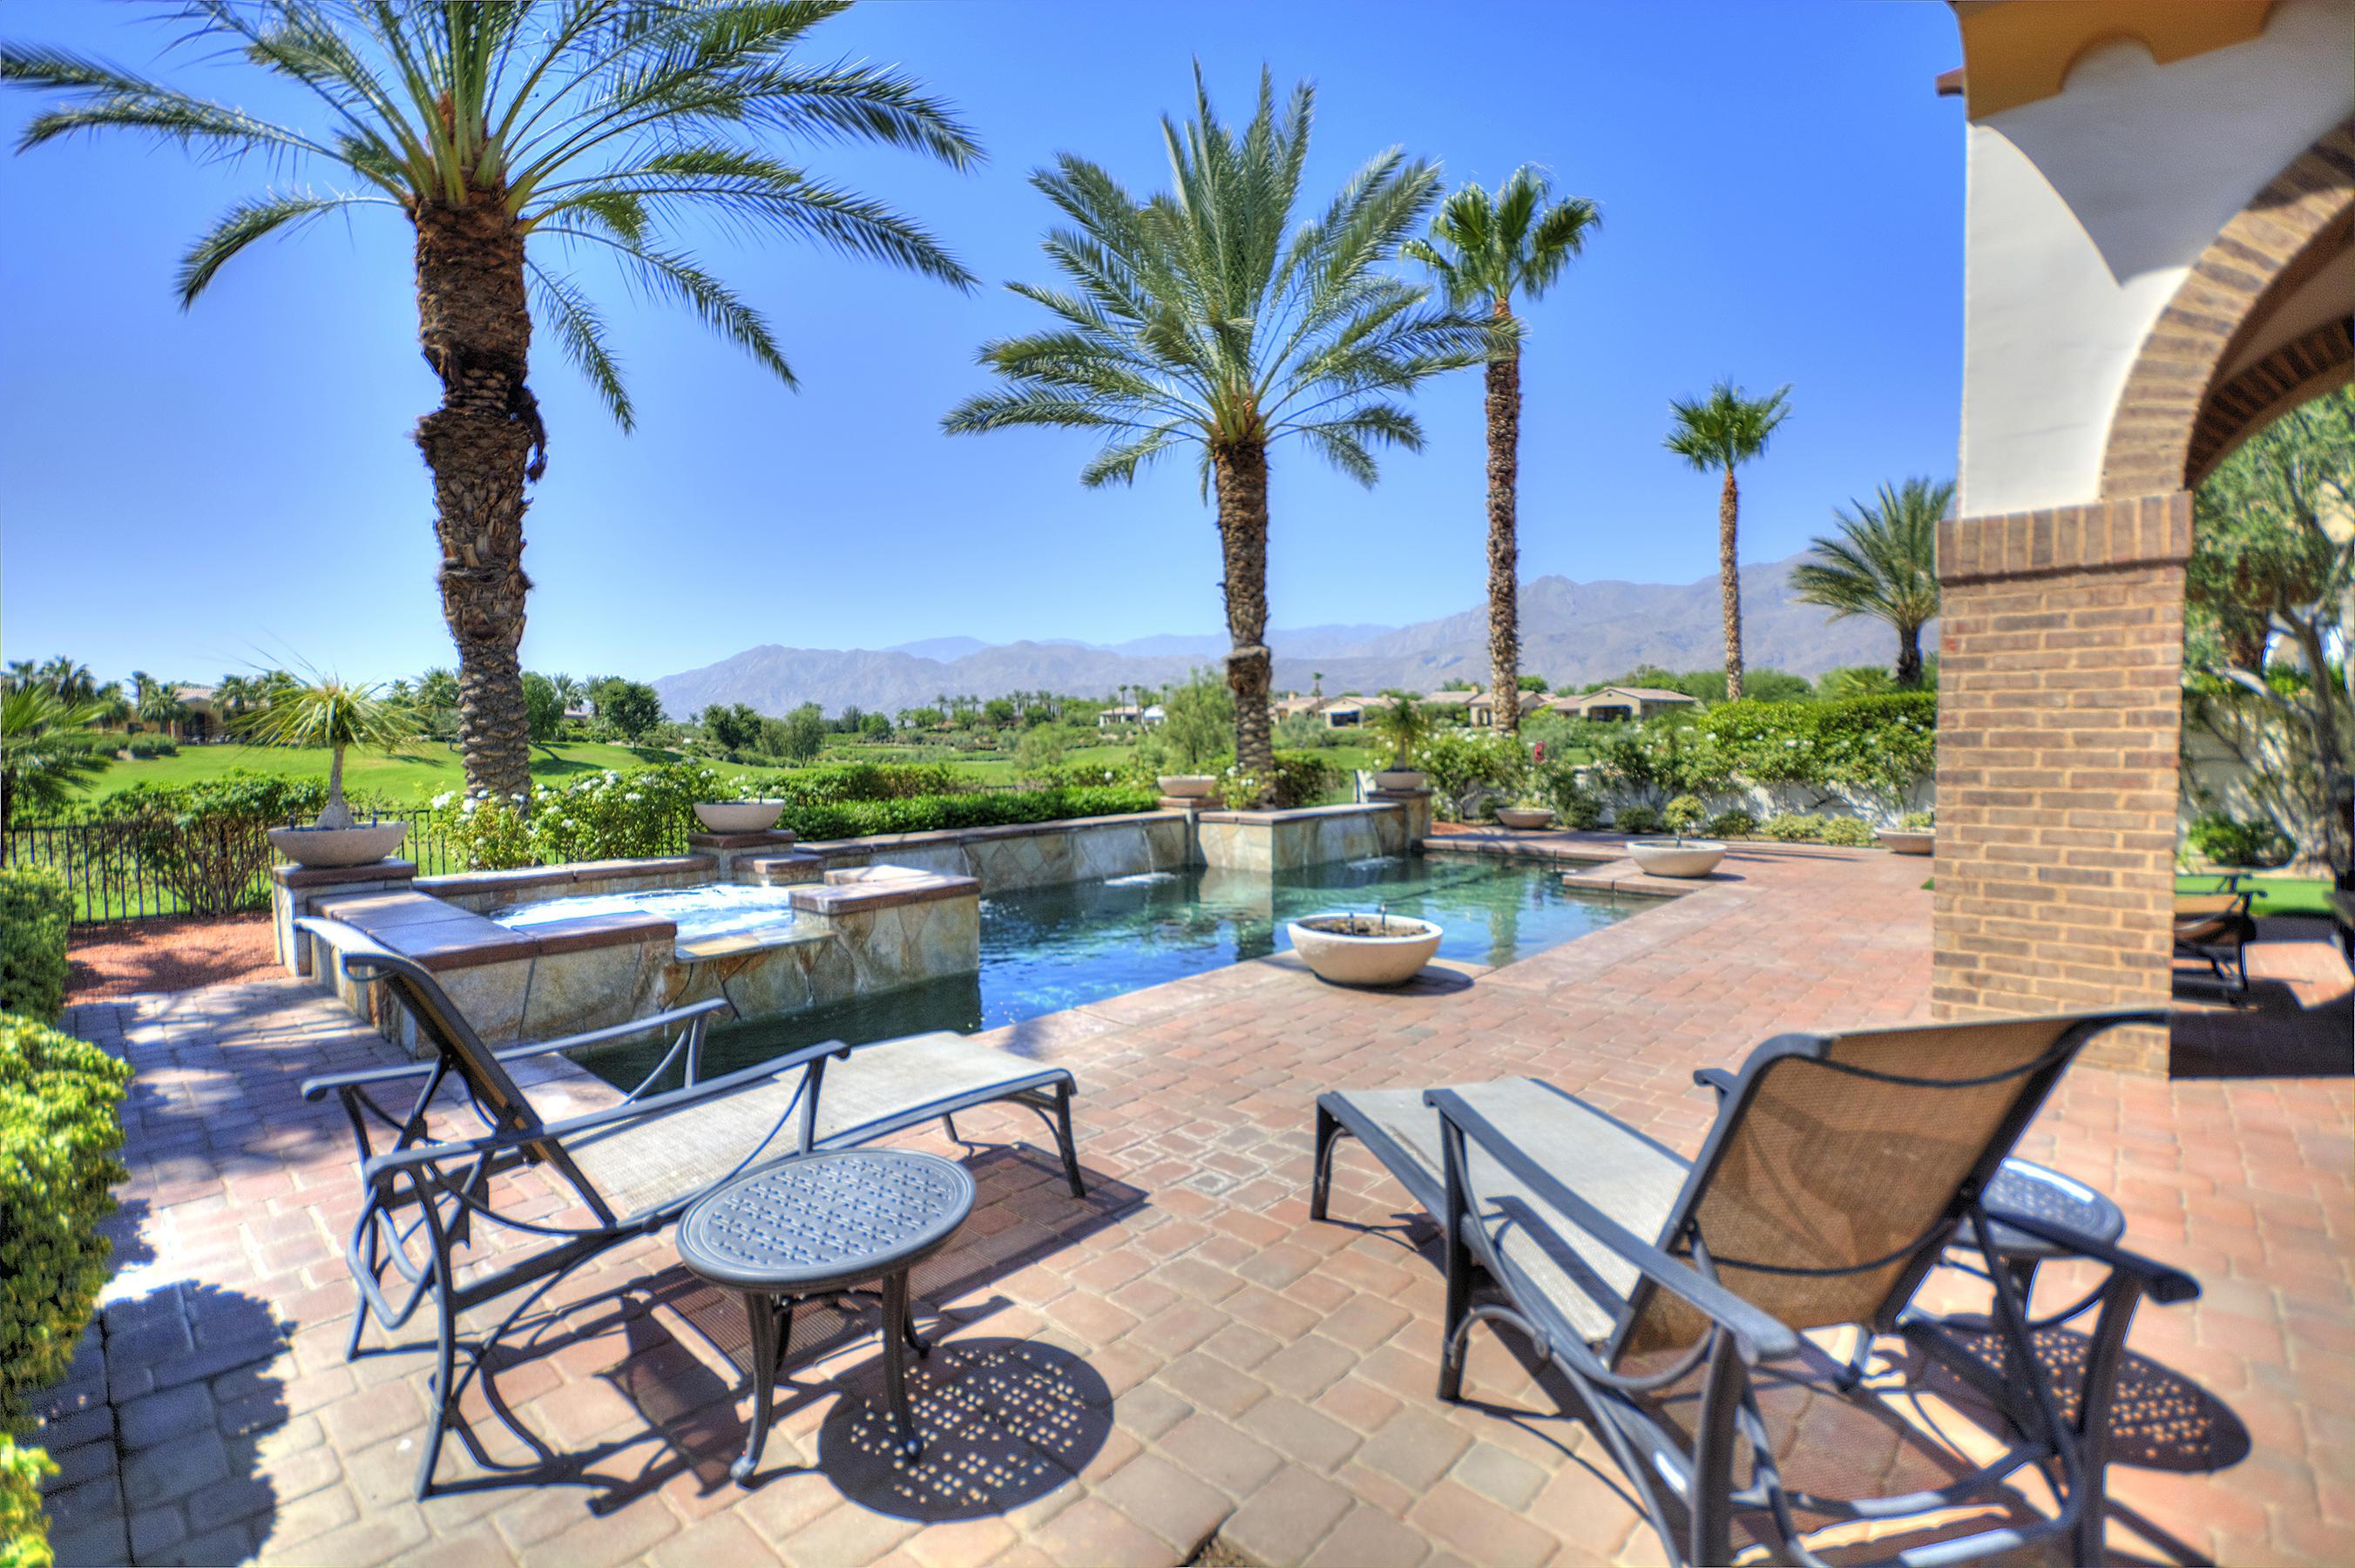 58242 Aracena, La Quinta, California 92253, 3 Bedrooms Bedrooms, ,4 BathroomsBathrooms,Residential,For Sale,58242 Aracena,219045484